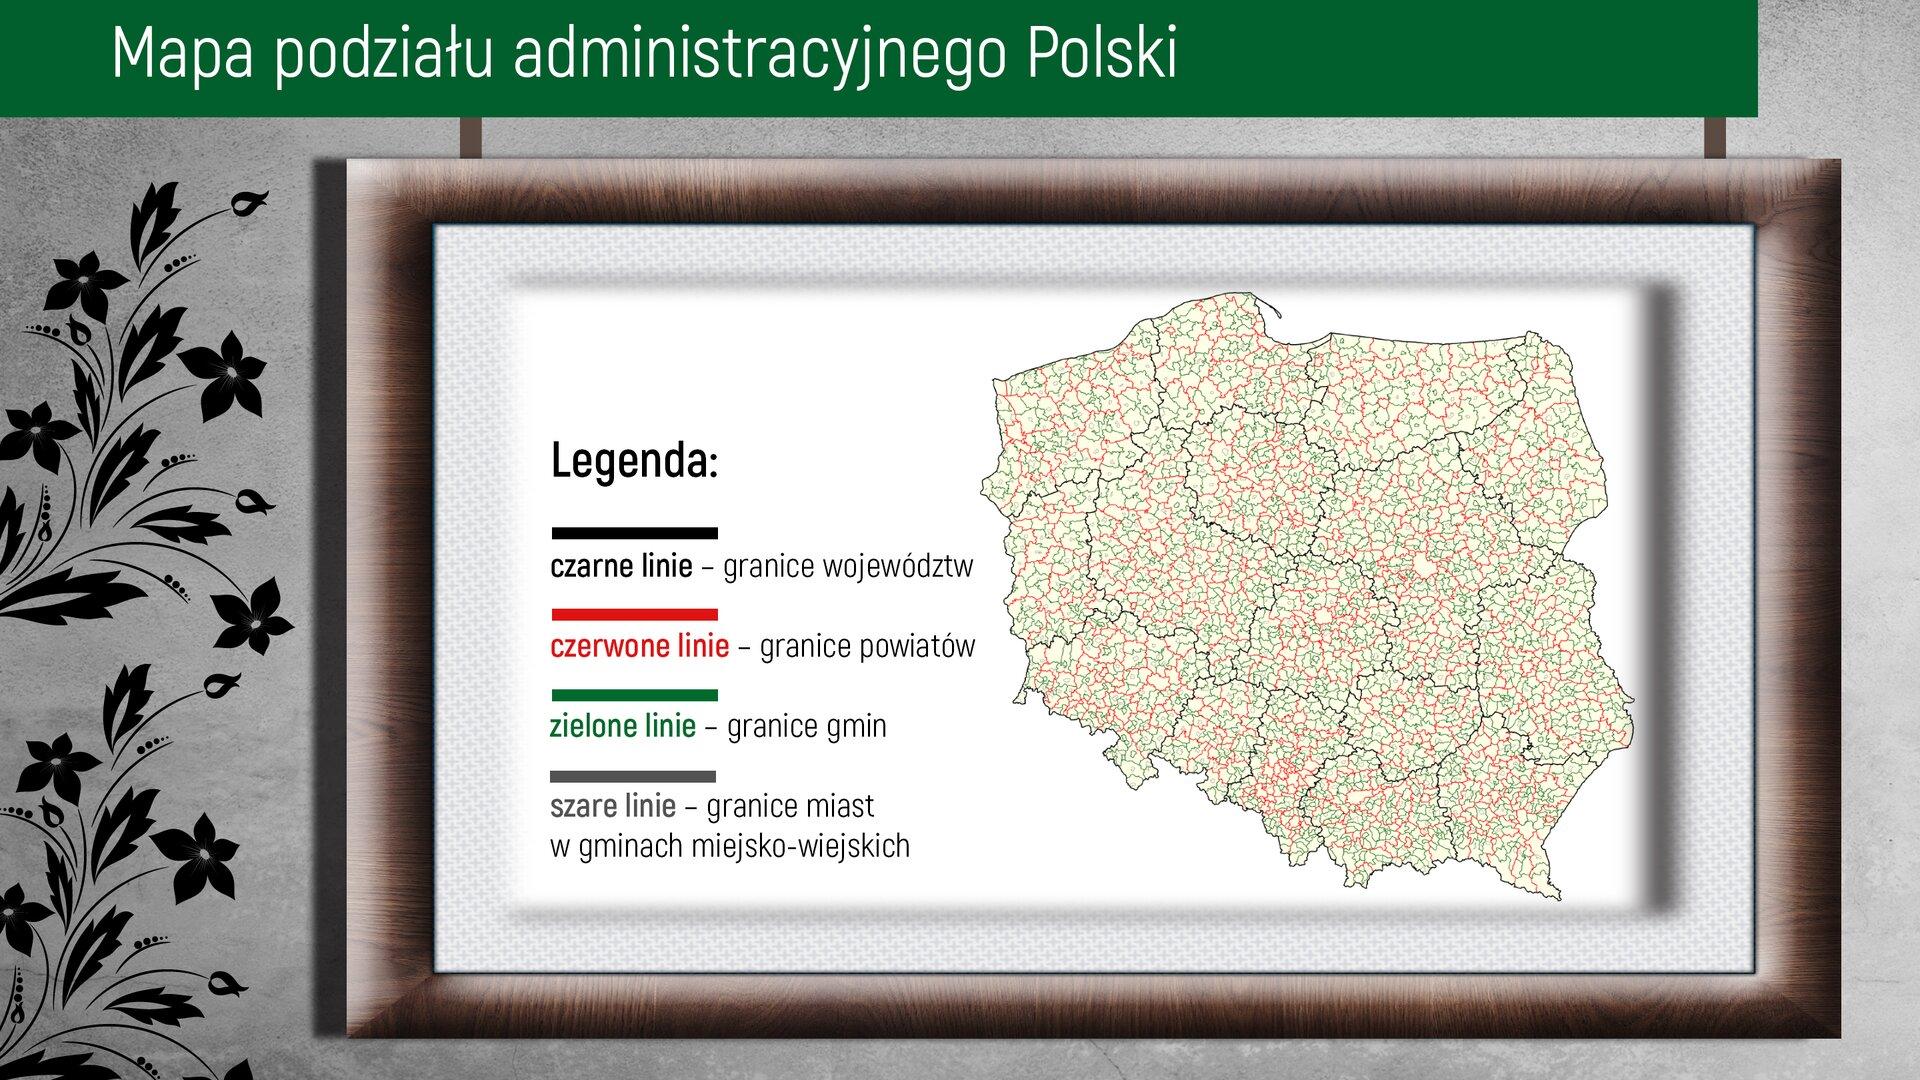 """Wprostokątnym polu znajduje się ilustracja zmapą podziału administracyjnego Polski. Po lewej stronie widać ornament wpostaci ozdobnych kwiatów wciemnym kolorze. Na górze zdjęcia na zielonym tle jest umieszczony napis """"Mapa podziału administracyjnego Polski"""". Wbrązowej ramce pod napisem znajduje się mapa Polski zzaznaczoną siatką podziału administracyjnego. Po lewej stronie znajduje się """"Legenda"""" opisująca kolory widoczne na mapie zgrubymi kreskami umieszczonymi pod sobą, kolejno wkolorach czarnym, czerwonym, zielonym, szarym. Czarne linie – granice województwCzerwone linie – granice powiatówZielone linie – granice gminSzare linie – granice miast wgminach wiejsko-miejskich."""